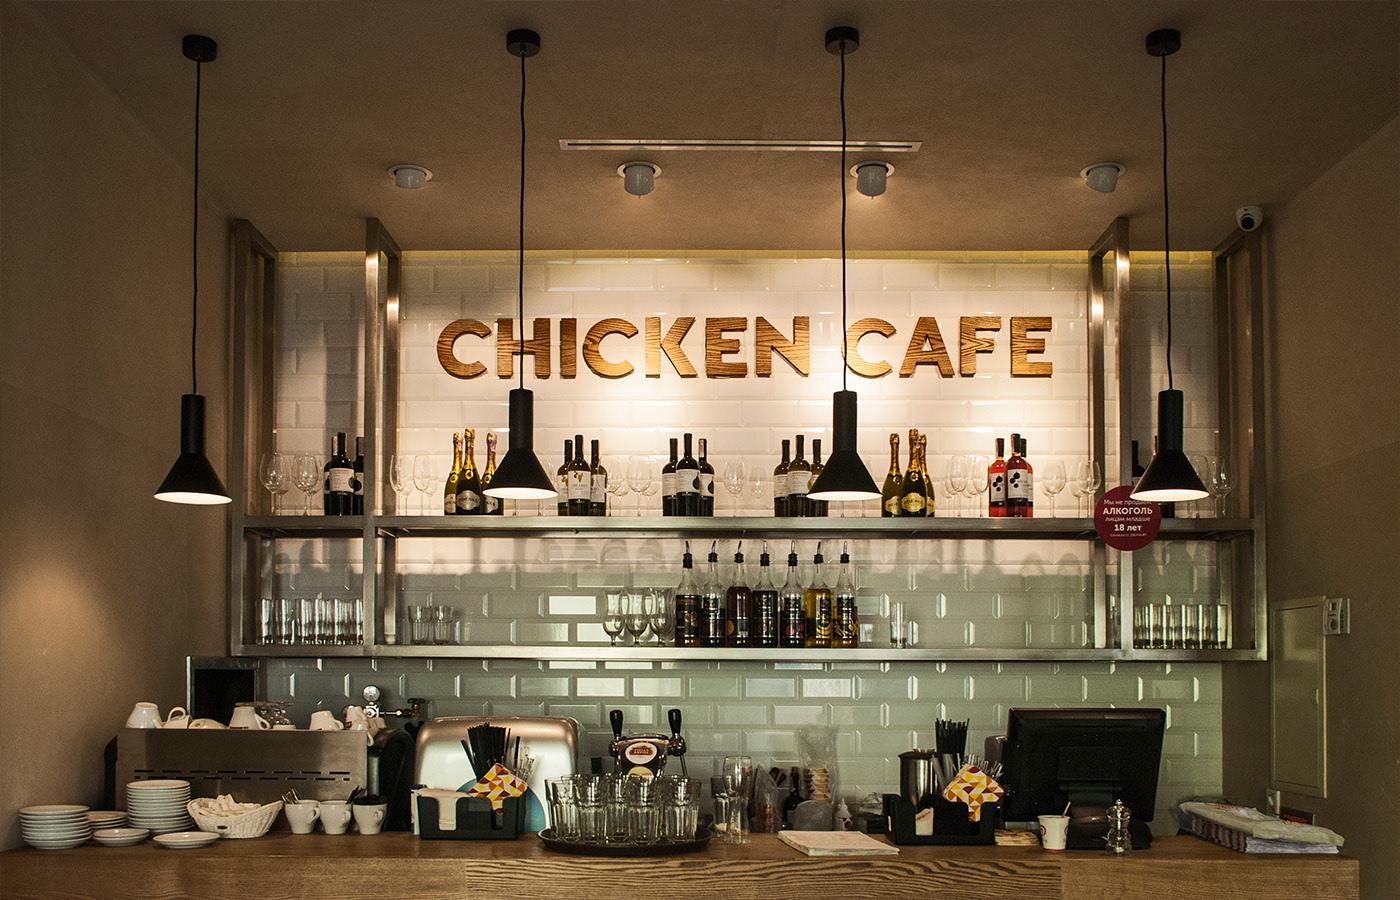 Chicken Cafe炸鸡快餐品牌形象设计